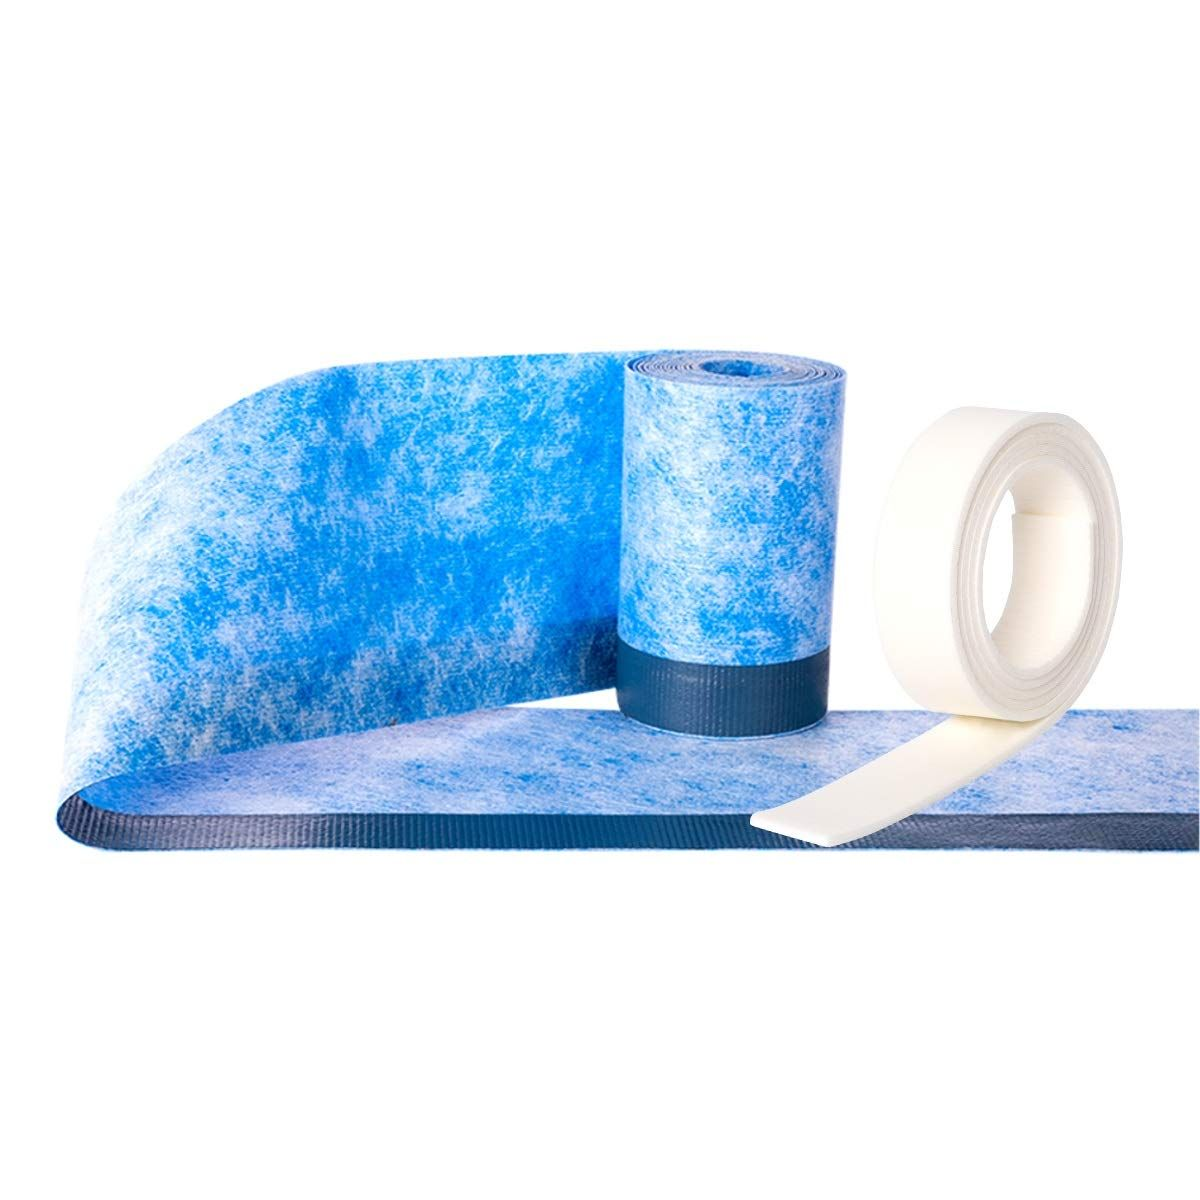 Bauhandel24 Wannendichtband Set Dichtungsband 3m Mit Schallschutzband 3 30m Dichtband Dusche Fugenband Bad In 2020 Dichtband Dusche Wanne Fugenband